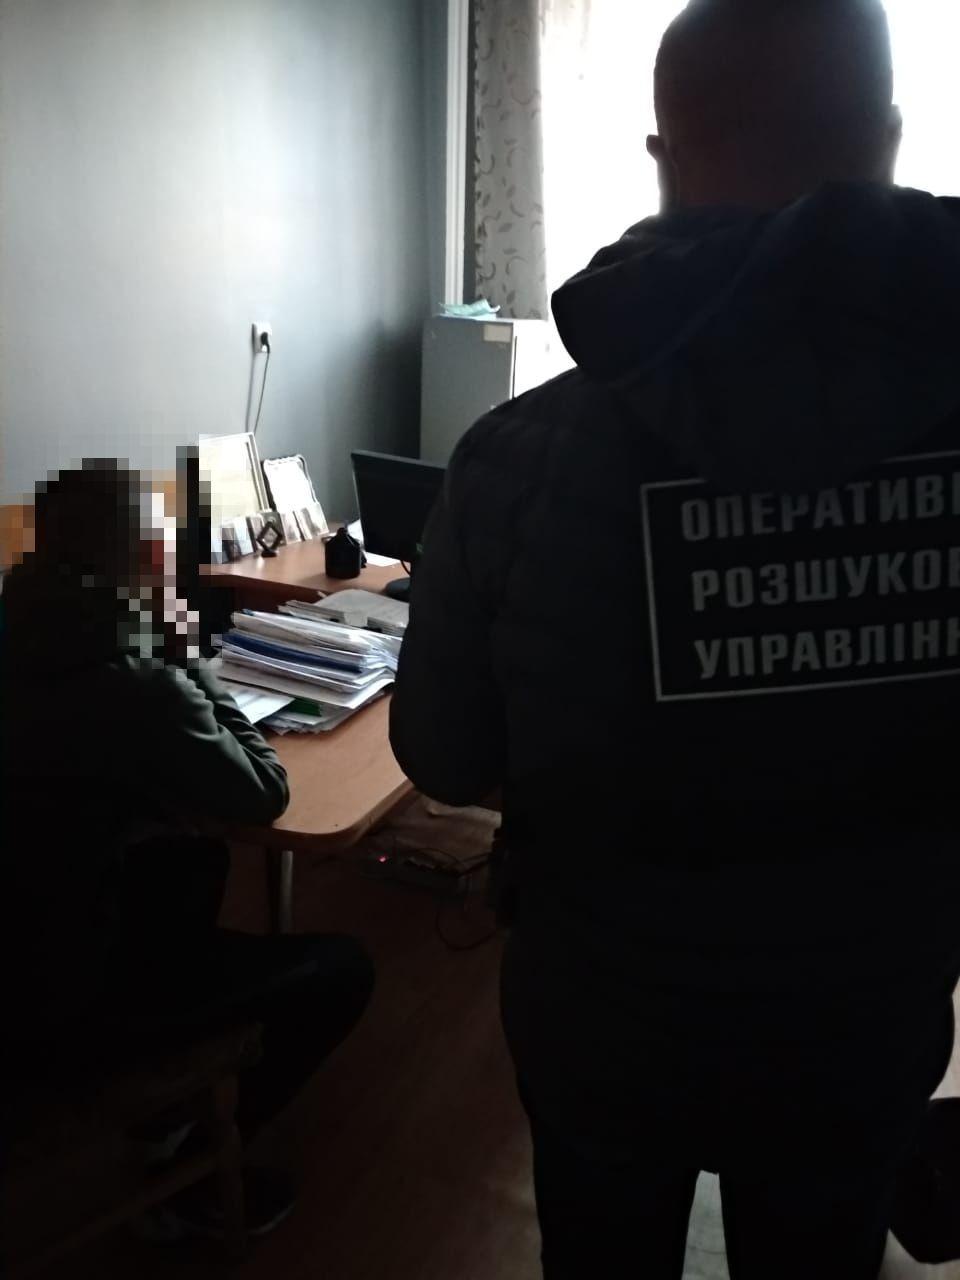 Двом закарпатцям та одному жителю Донбасу оголосили підозру в організації незаконного переправляння громадян Індії через український кордон в ЄС.